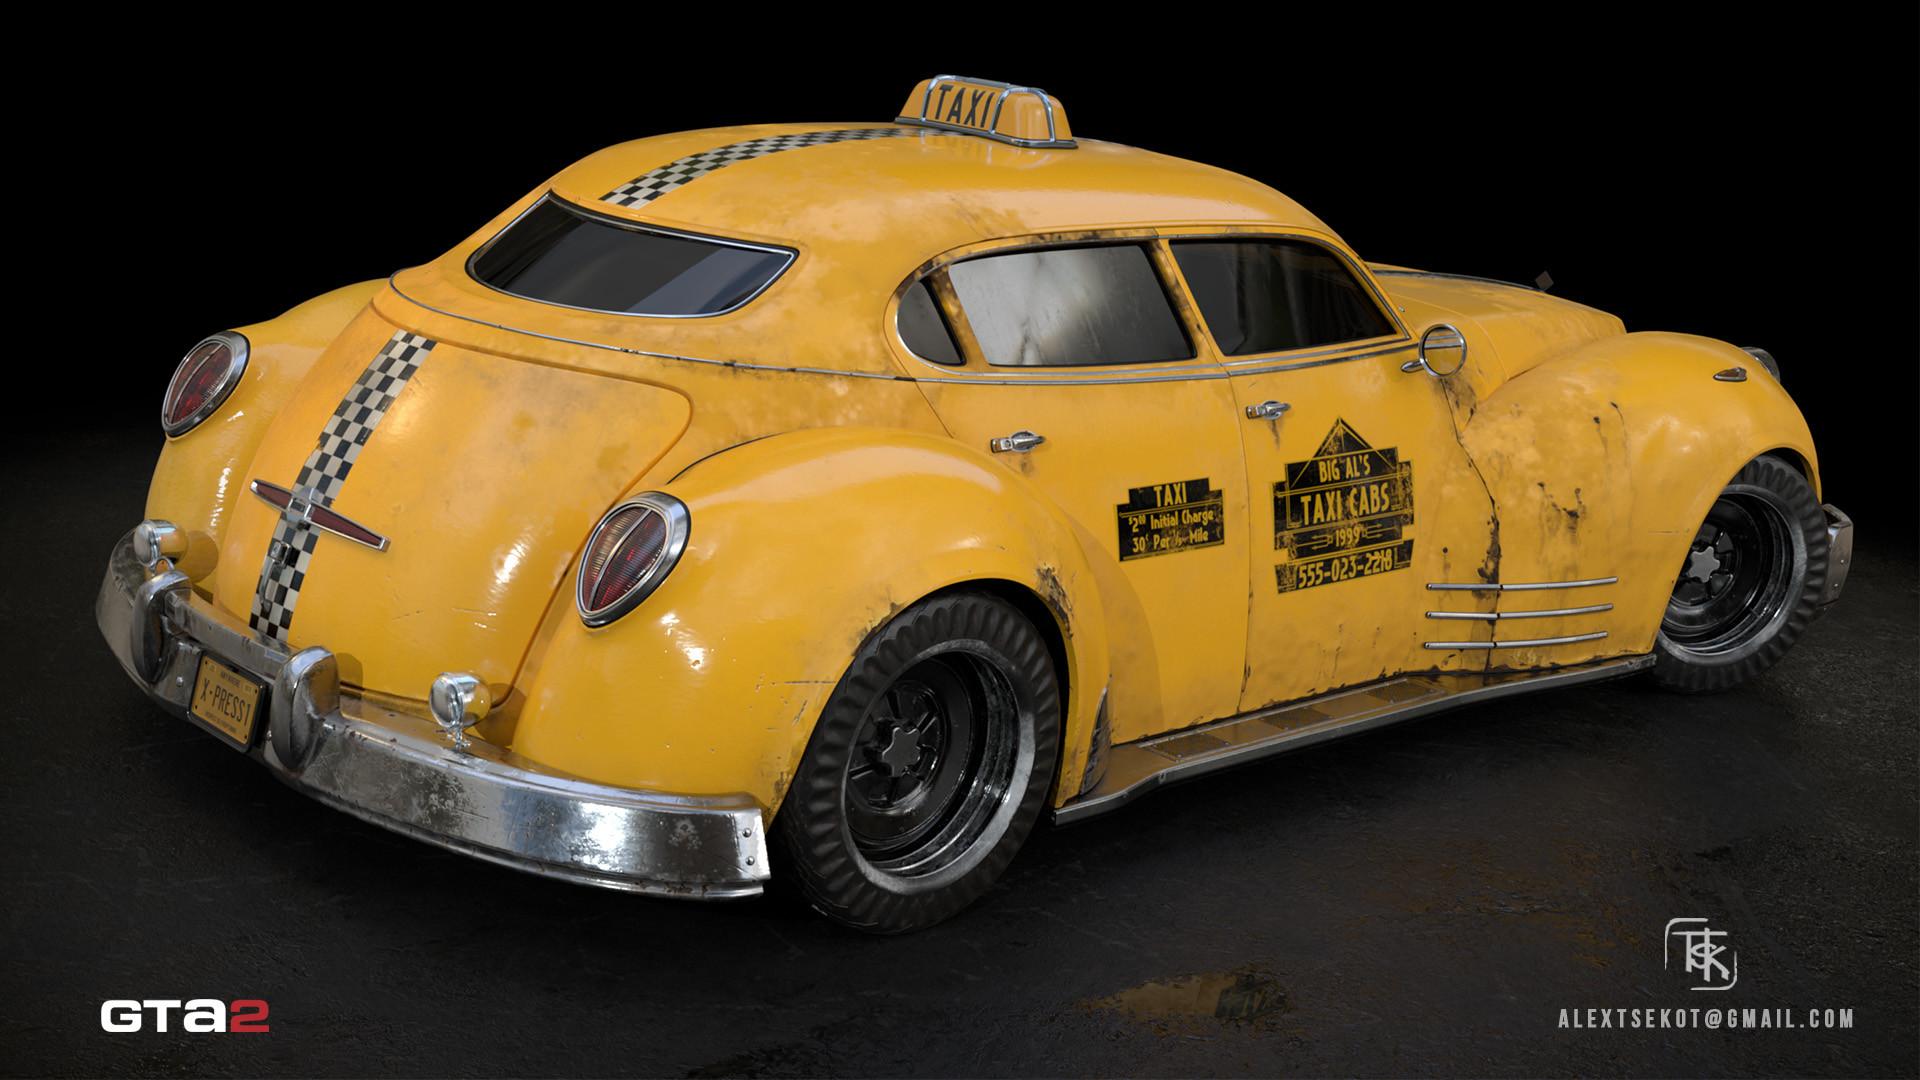 Alex tsekot taxi xpress 3